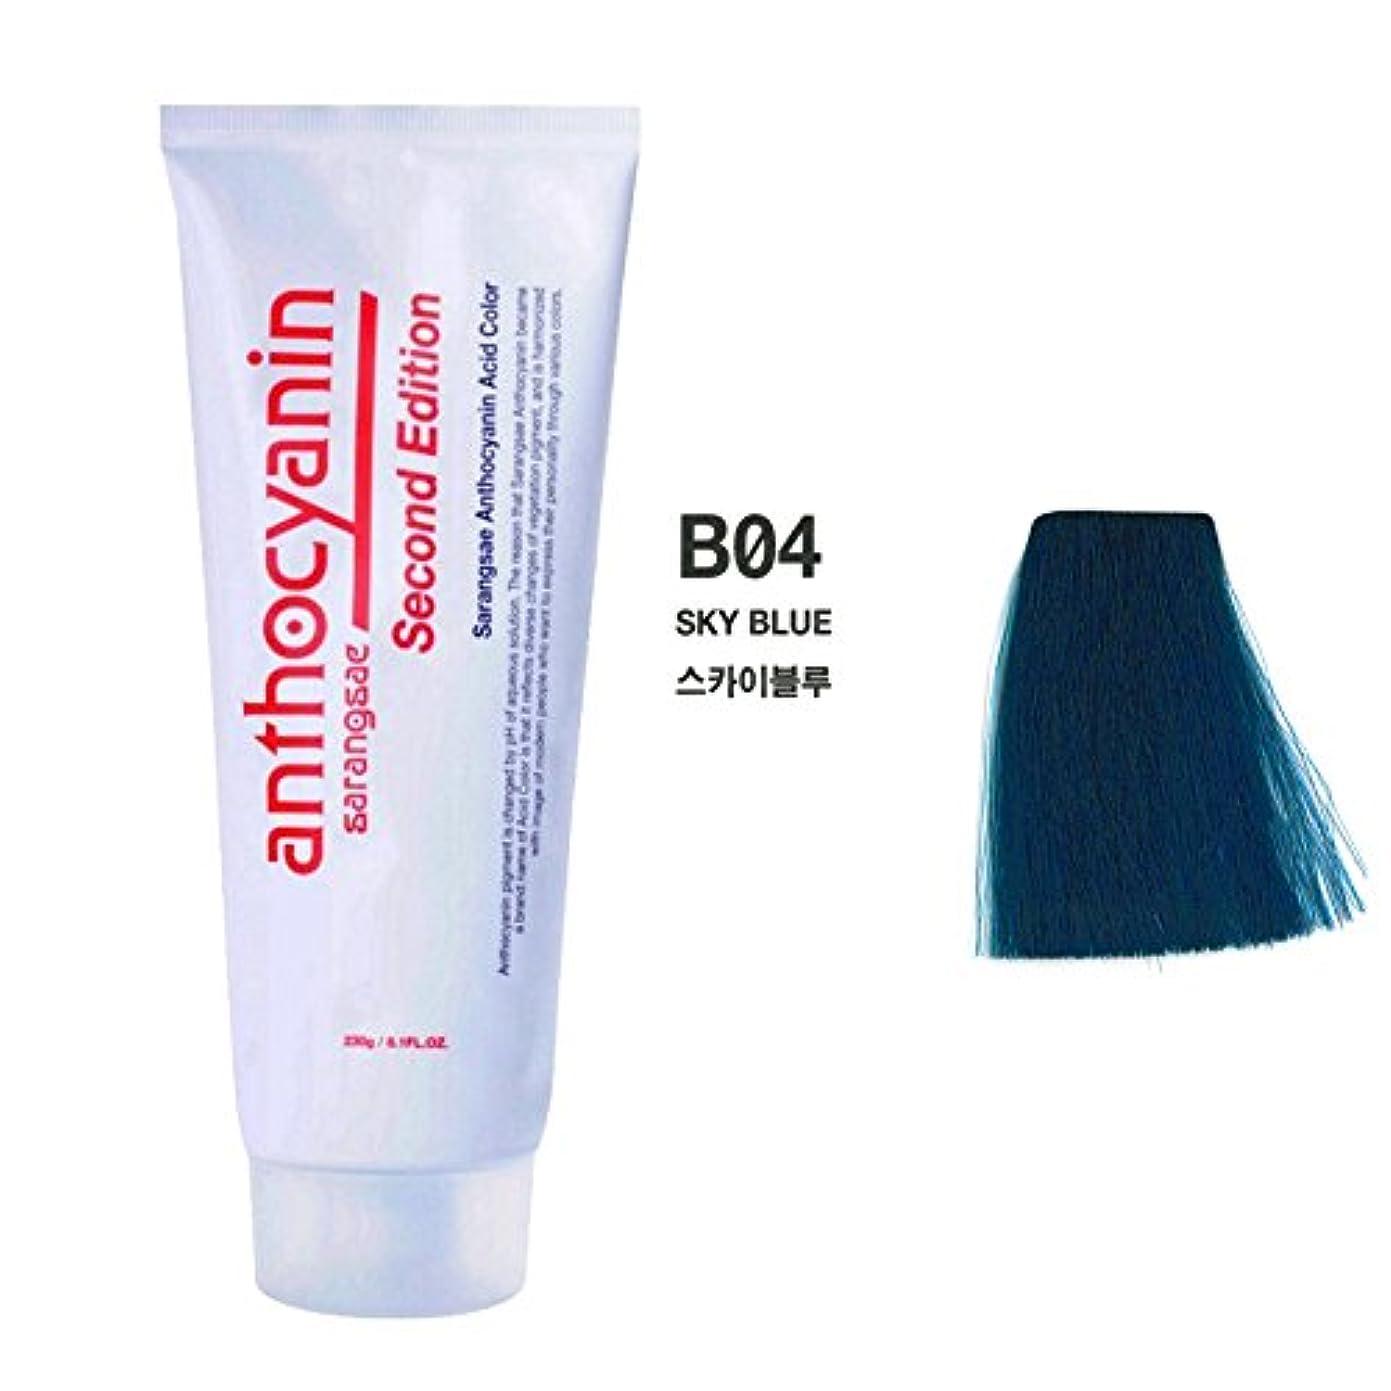 パットアルコーブ喜ぶヘア マニキュア カラー セカンド エディション 230g セミ パーマネント 染毛剤 (Hair Manicure Color Second Edition 230g Semi Permanent Hair Dye) [並行輸入品] (B04 Sky Blue)